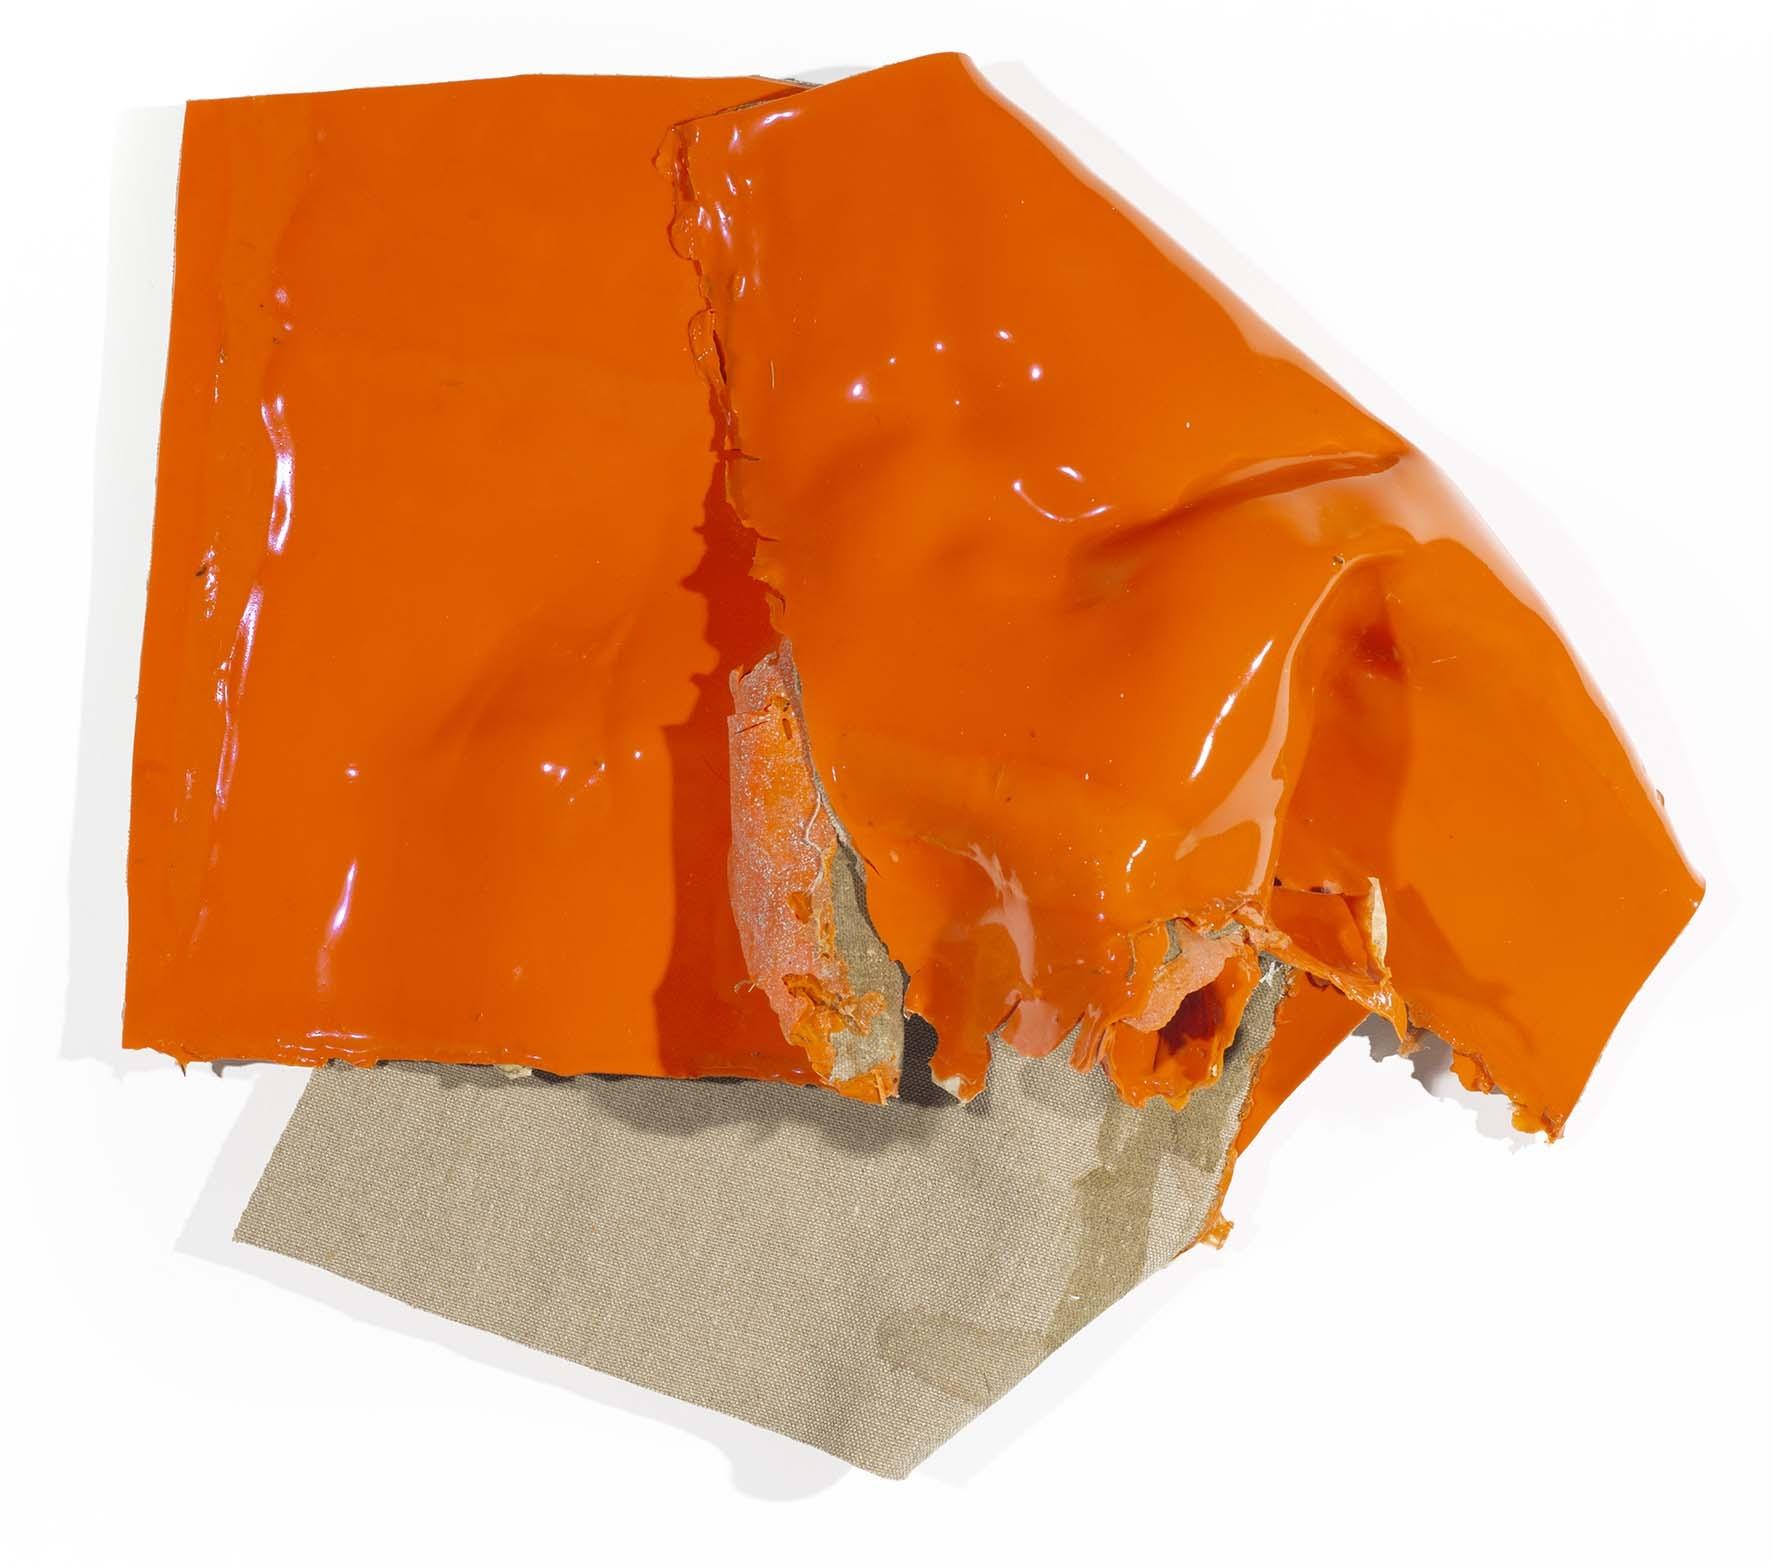 xavier-escriba-ange-n21-orange-2